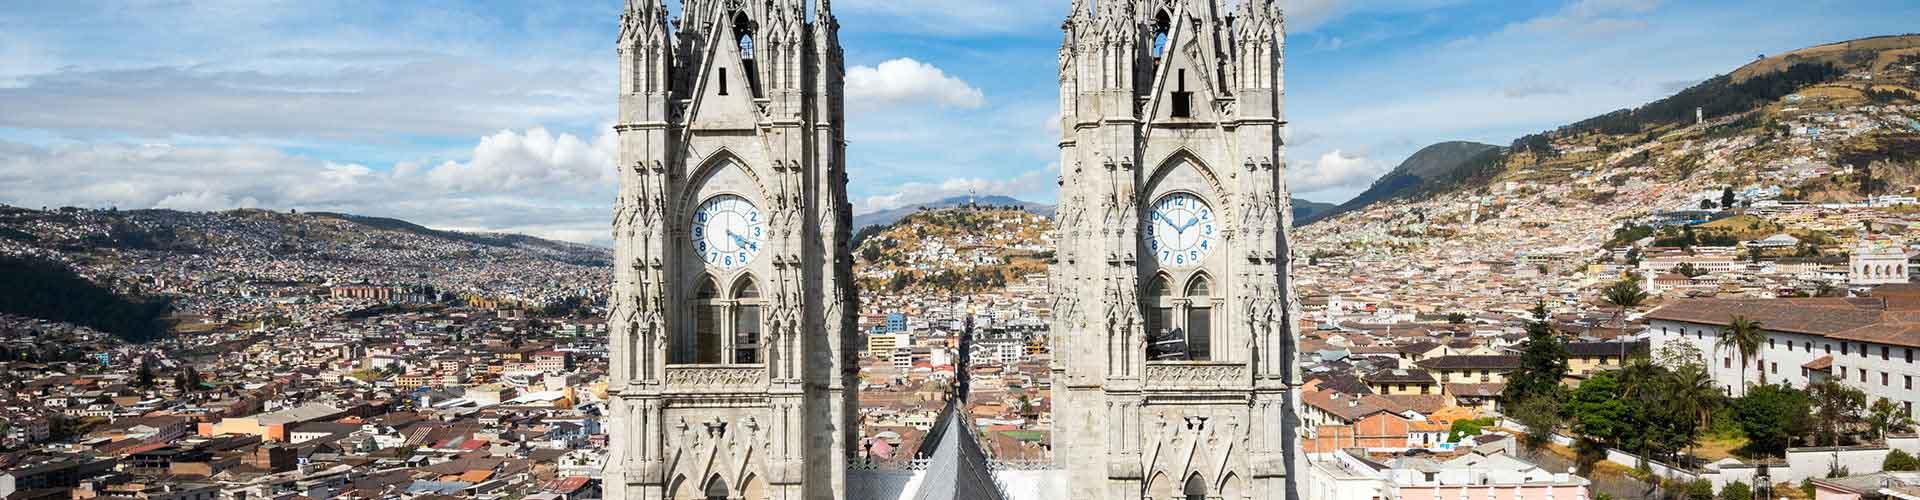 Quito – Hostels in Quito. Quito auf der Karte. Fotos und Bewertungen für jedes Hostel in Quito.